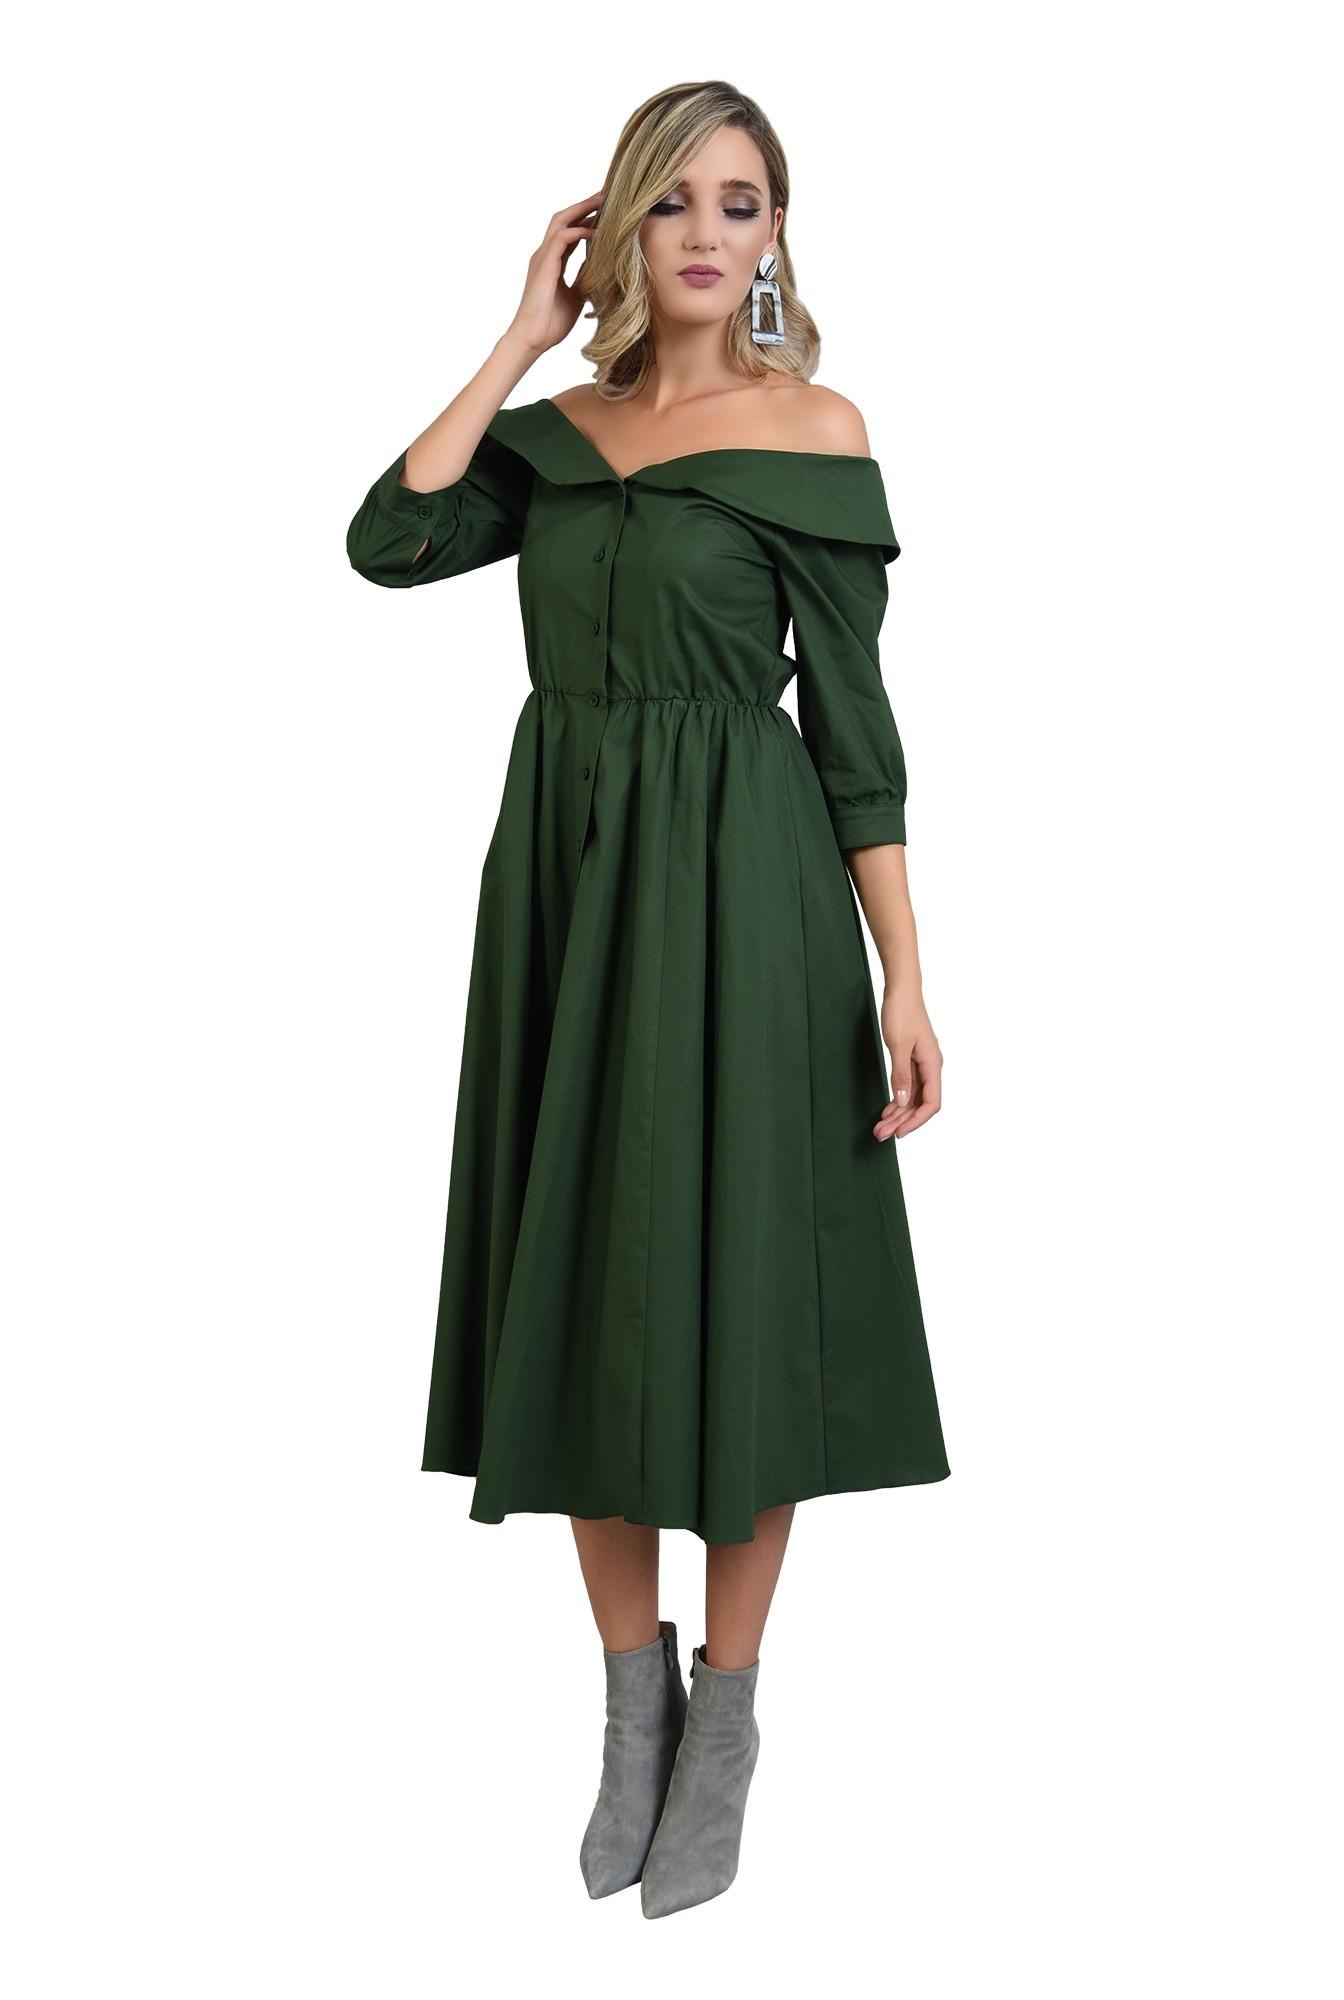 360 - rochie verde midi, evazata, Poema